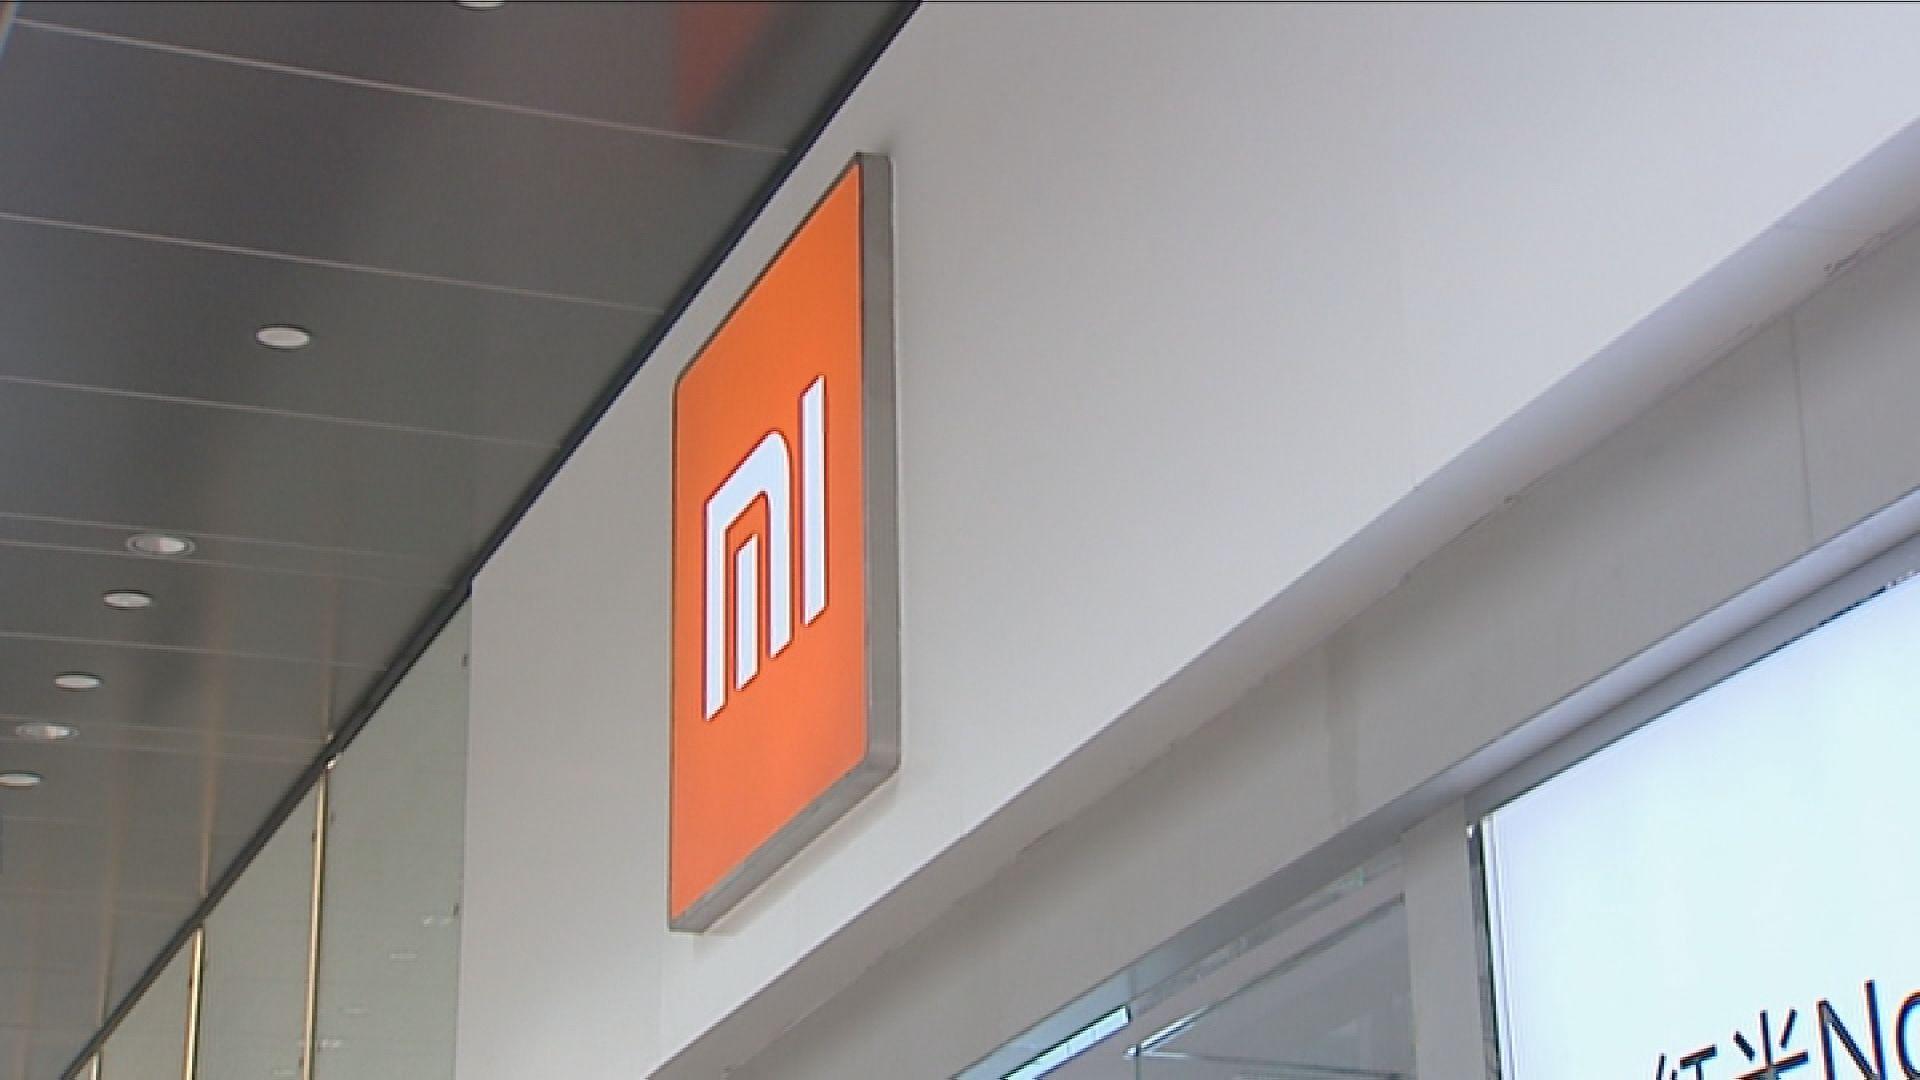 【智能設備賣得】小米首11月產品香港銷售升逾60%